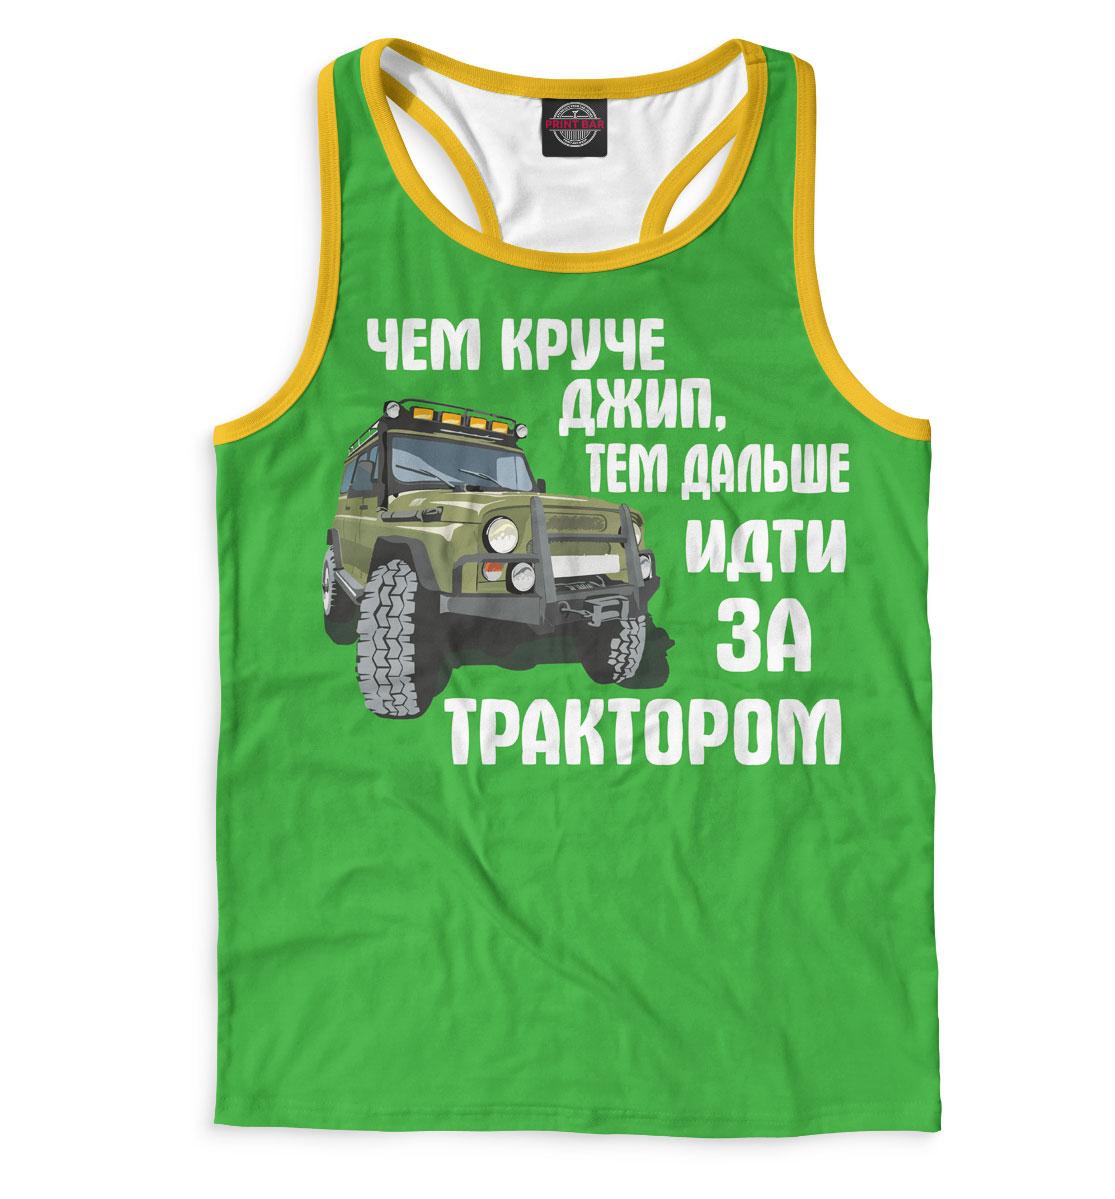 Купить Чем круче джип, Printbar, Майки борцовки, VDT-436573-mayb-2